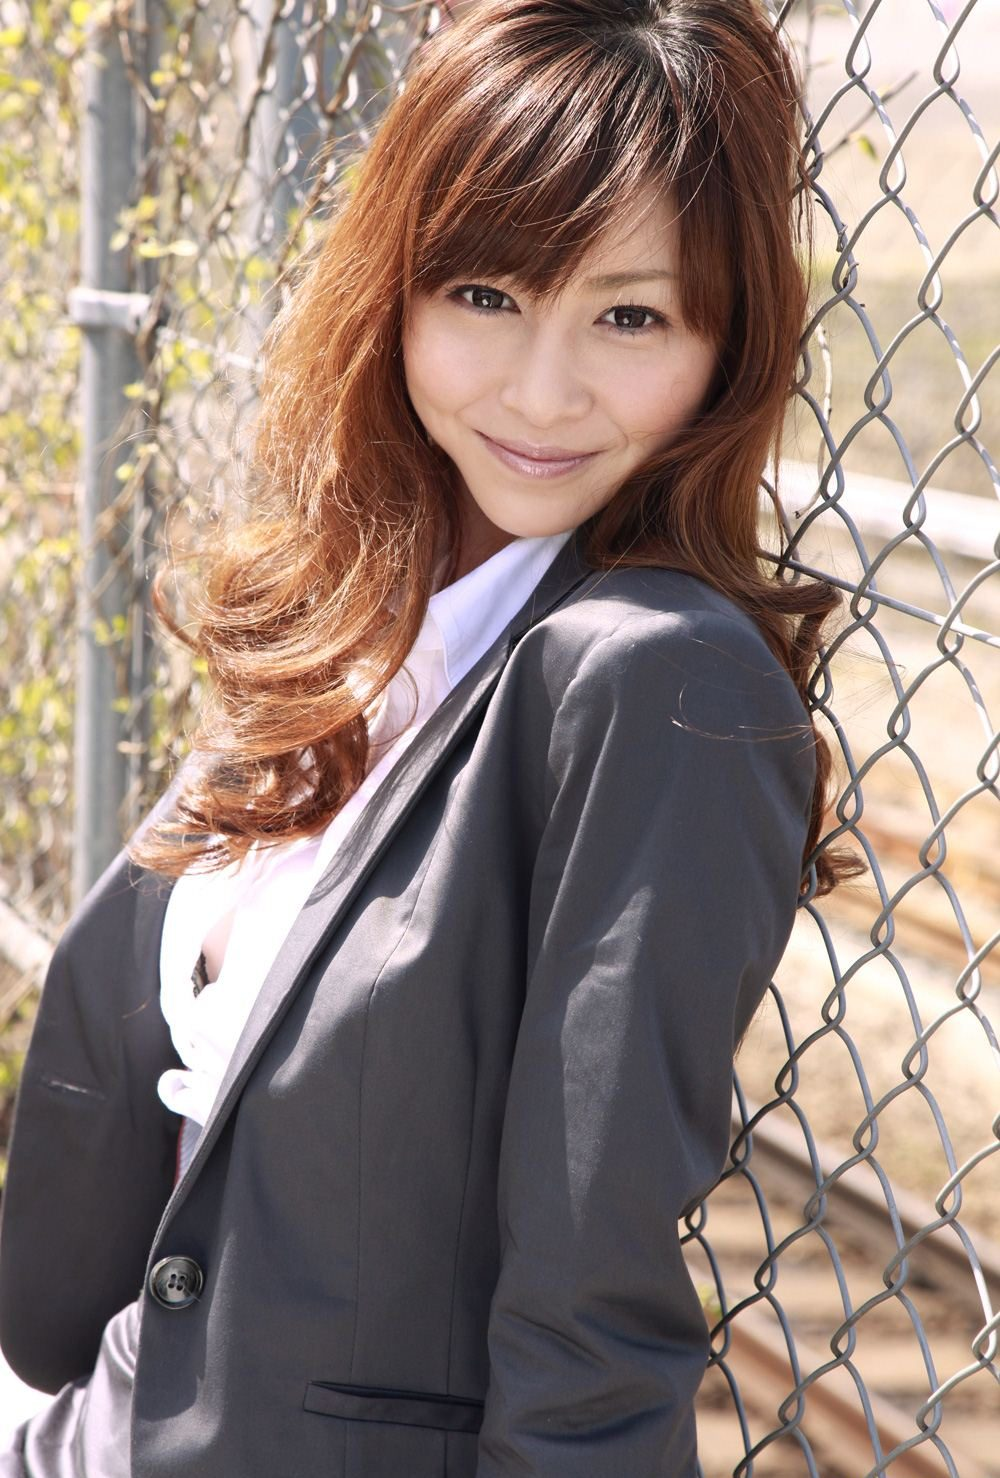 【No.609】 OLスーツ / 杉原杏璃